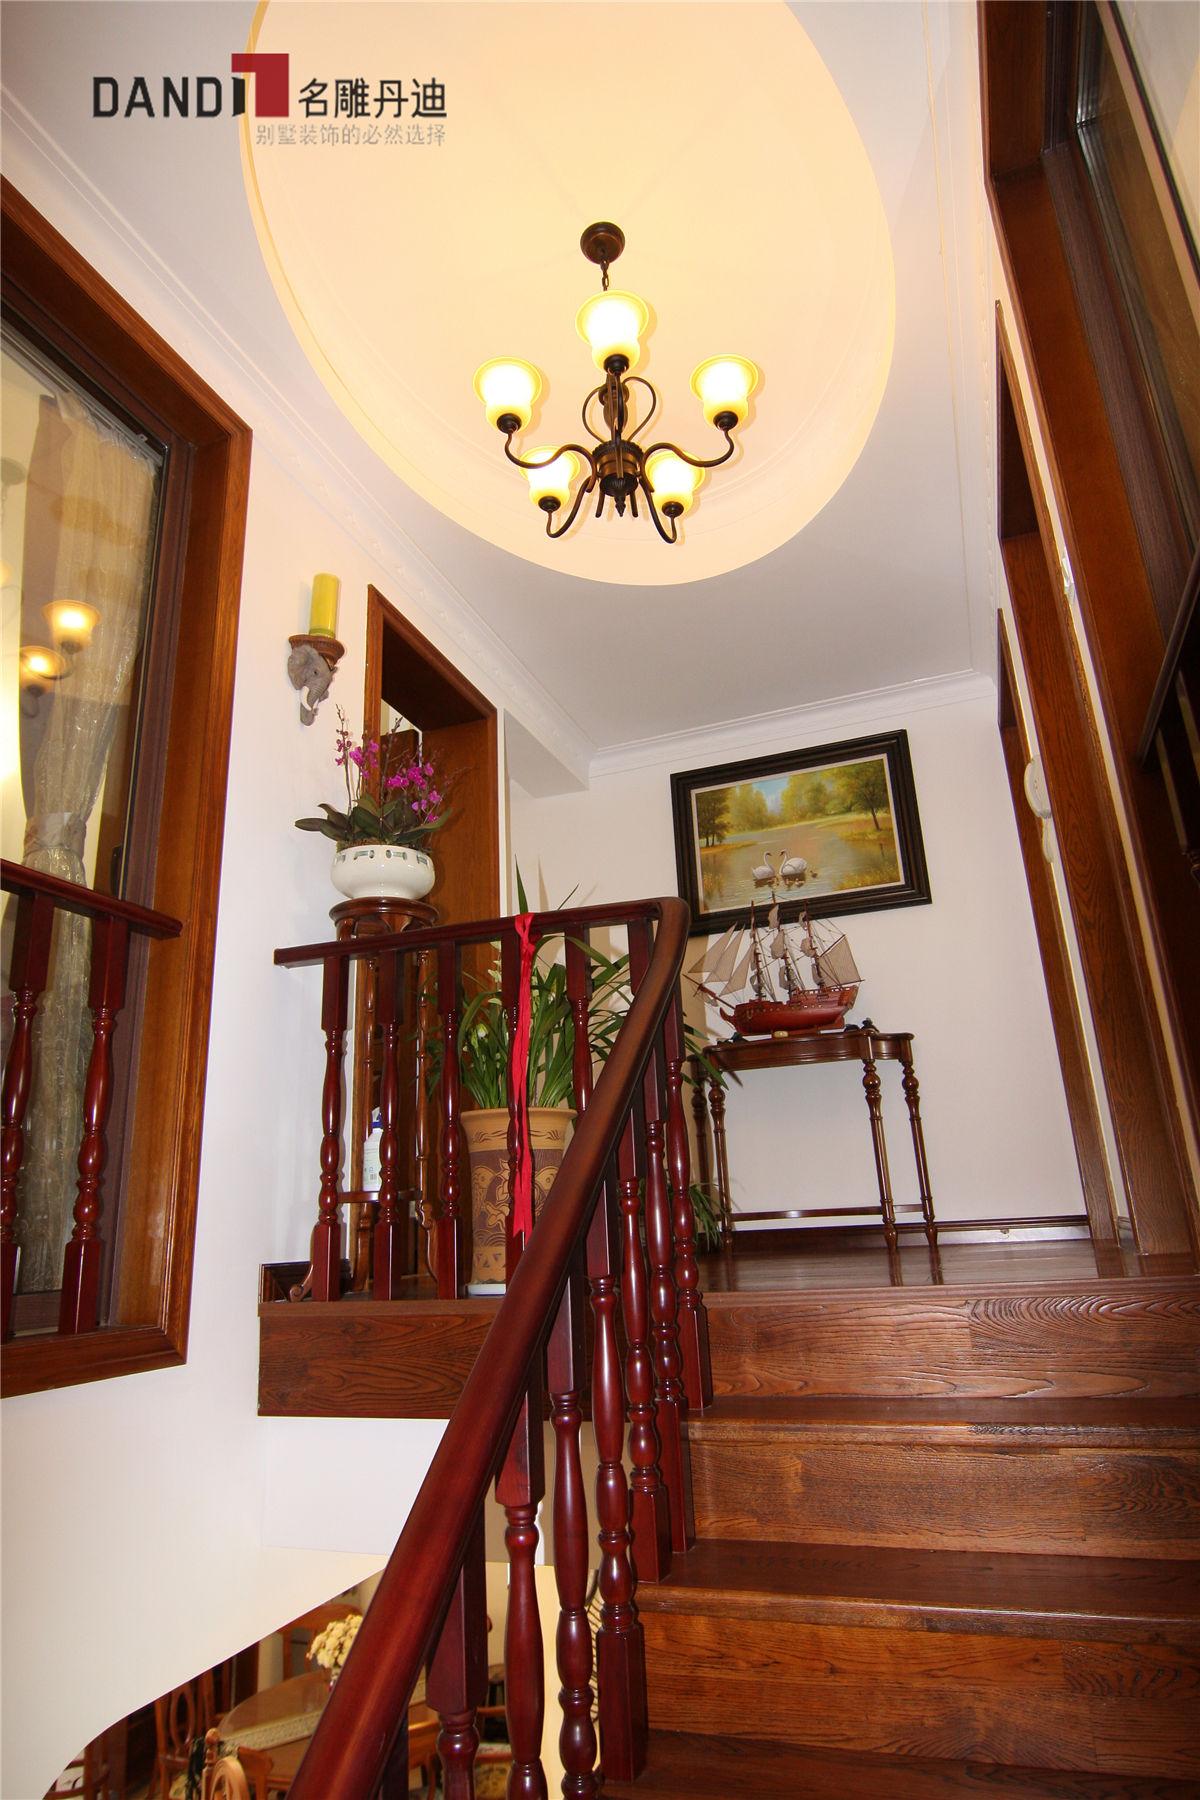 美式 美式别墅 星河丹堤 别墅 名雕丹迪 高富帅 豪宅设计 楼梯 楼梯图片来自名雕丹迪在美式风格星河丹堤别墅的分享